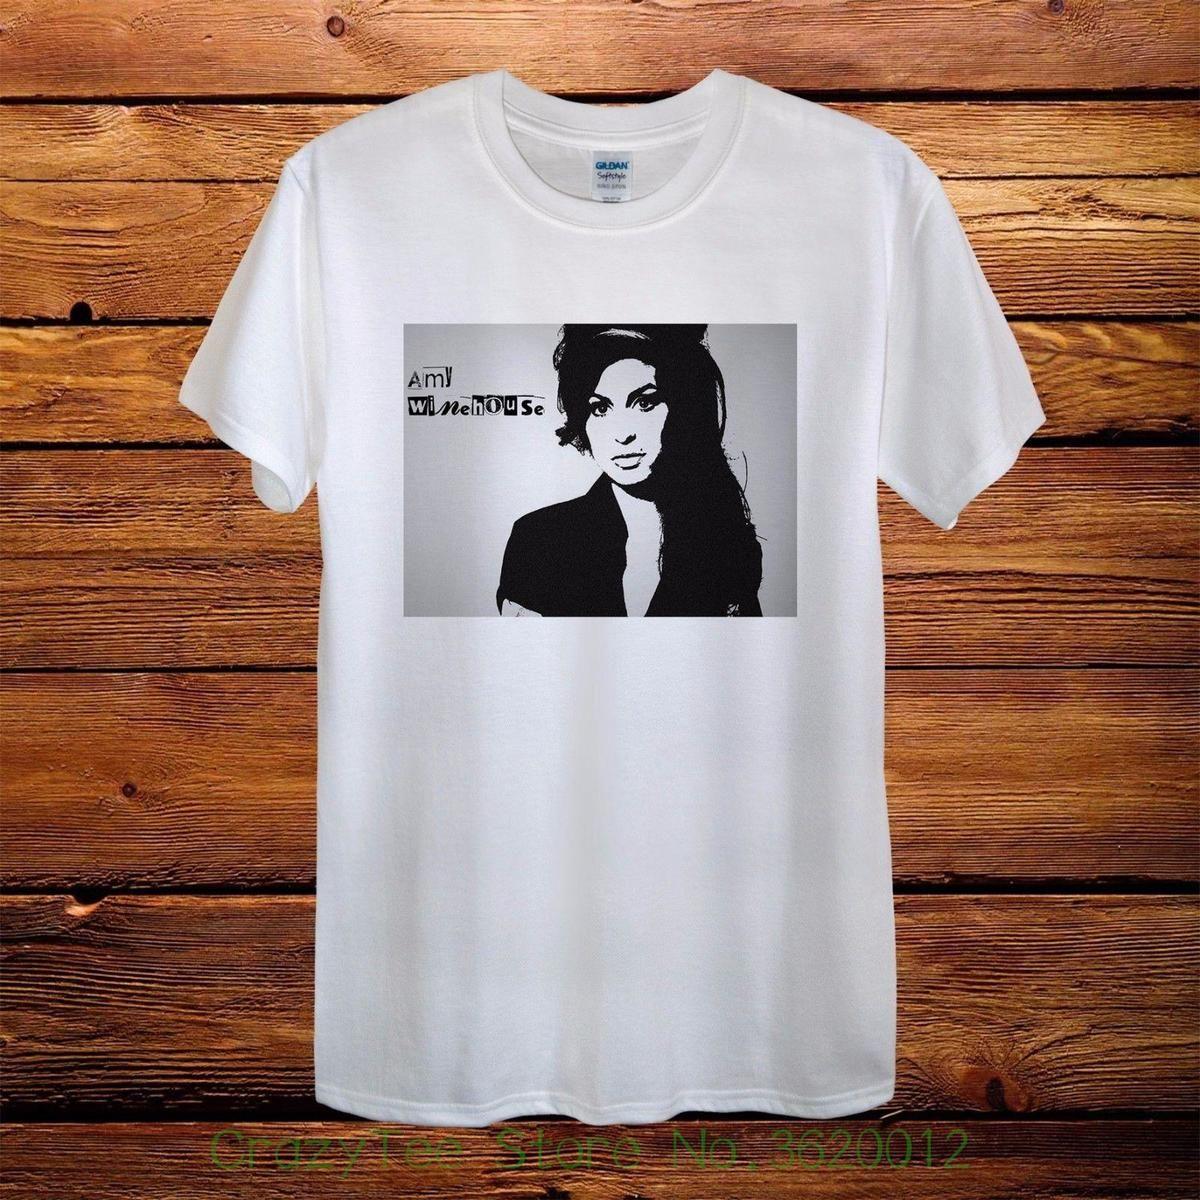 20931c33f9f Compre Camiseta Para Mujer Amy Winehouse Nuevo Diseño Camiseta Para Hombre  Unisex Mujer Equipada Rock 100% Algodón Nueva Bm Camiseta Holgada Con Tops  A ...